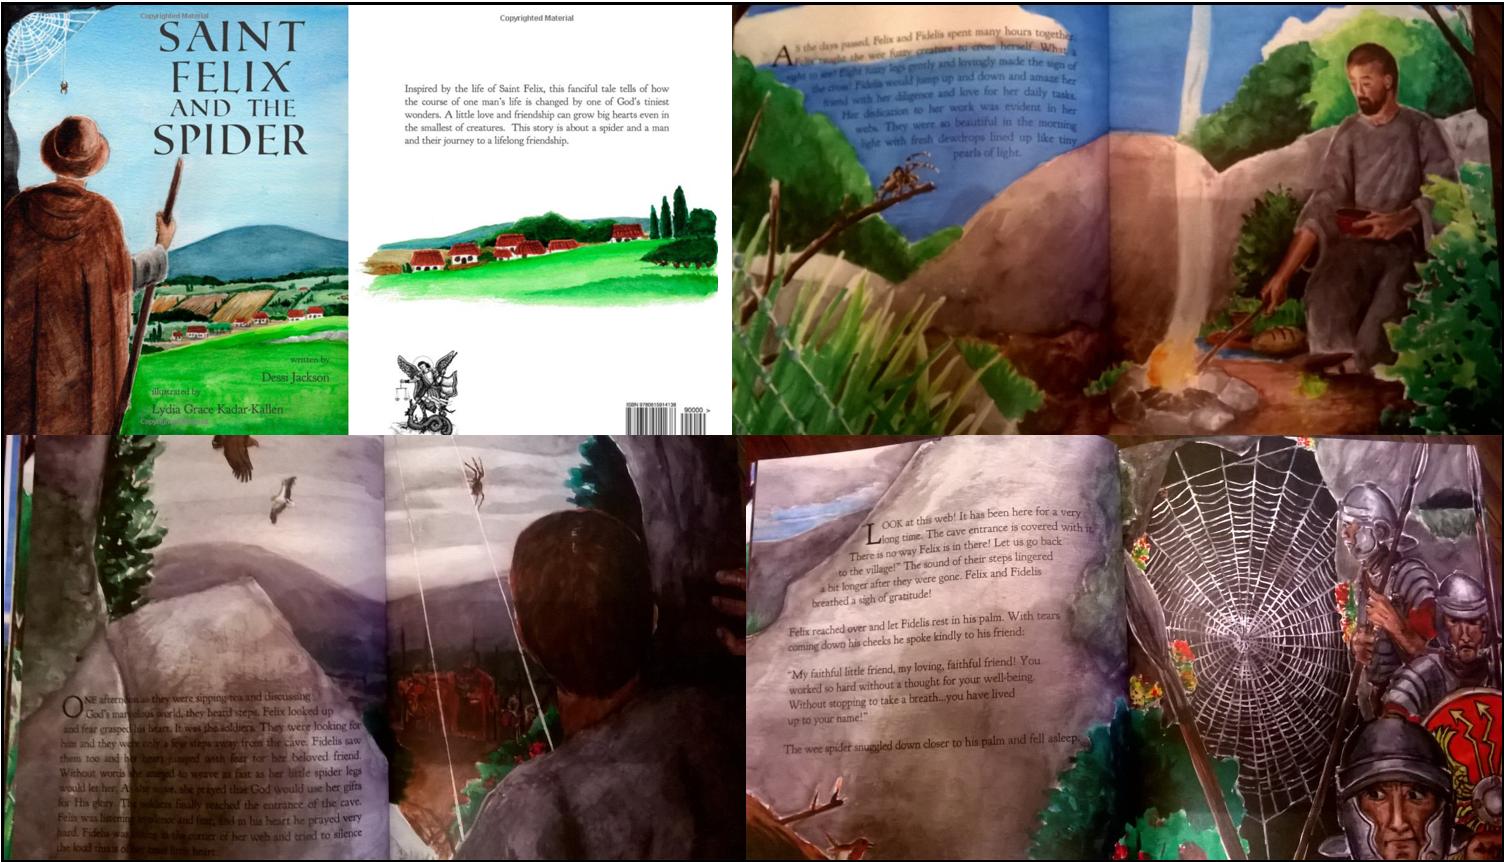 L'histoire de l'évêque saint Félix et de l'araignée en BD de Dessi Jackson (Auteur), Lydia Grace Kadar-Kallen (Illustrations)